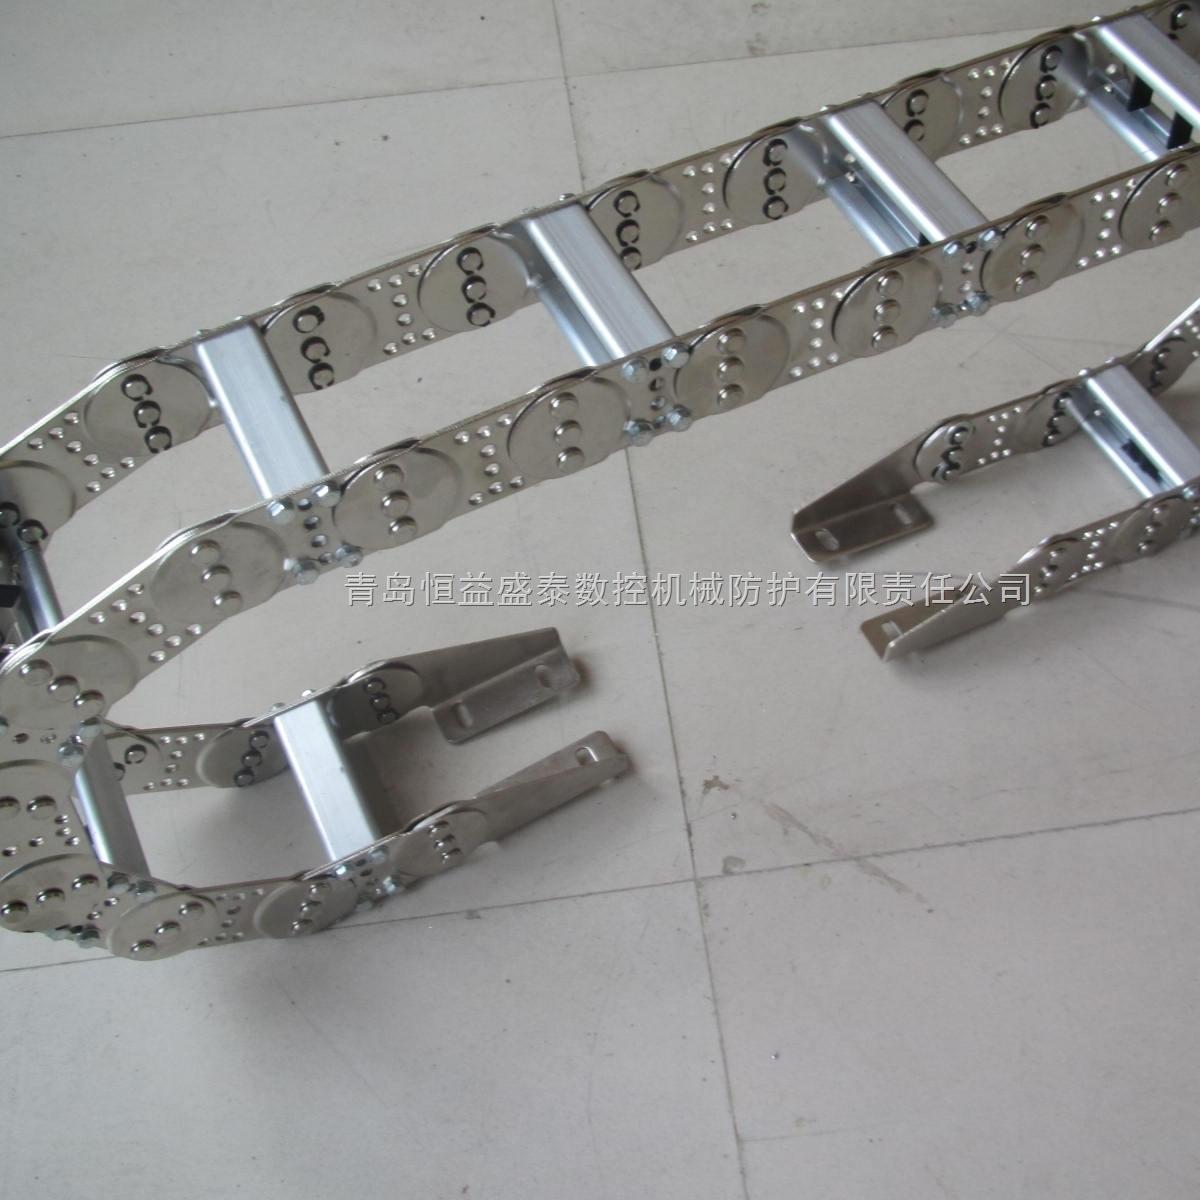 青岛恒益盛泰钢制拖链经久耐用使用寿命长